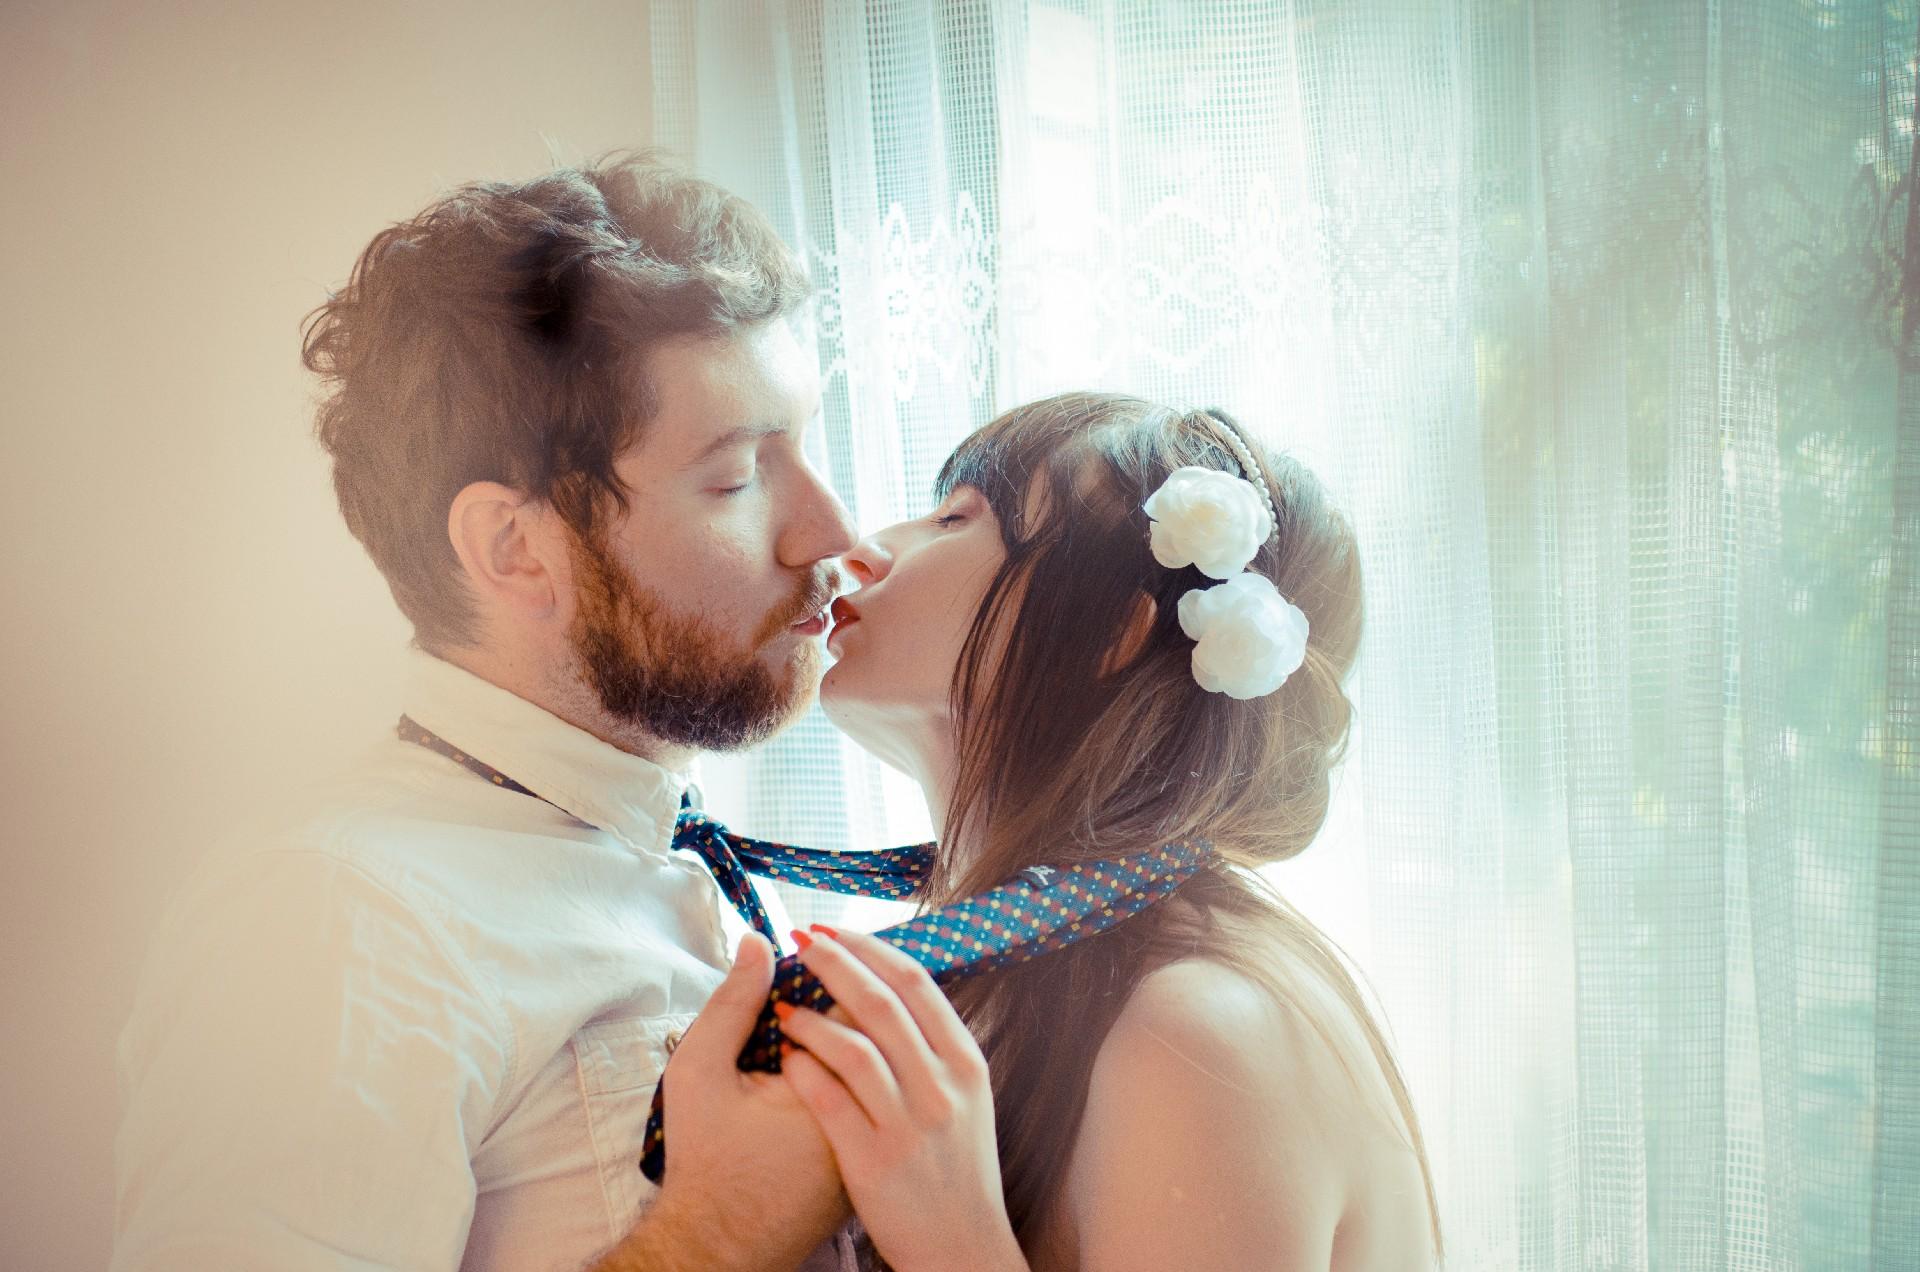 【人相占い】唇の厚さ・形でわかる愛と欲望、恋愛傾向とは-顔占い唇編-